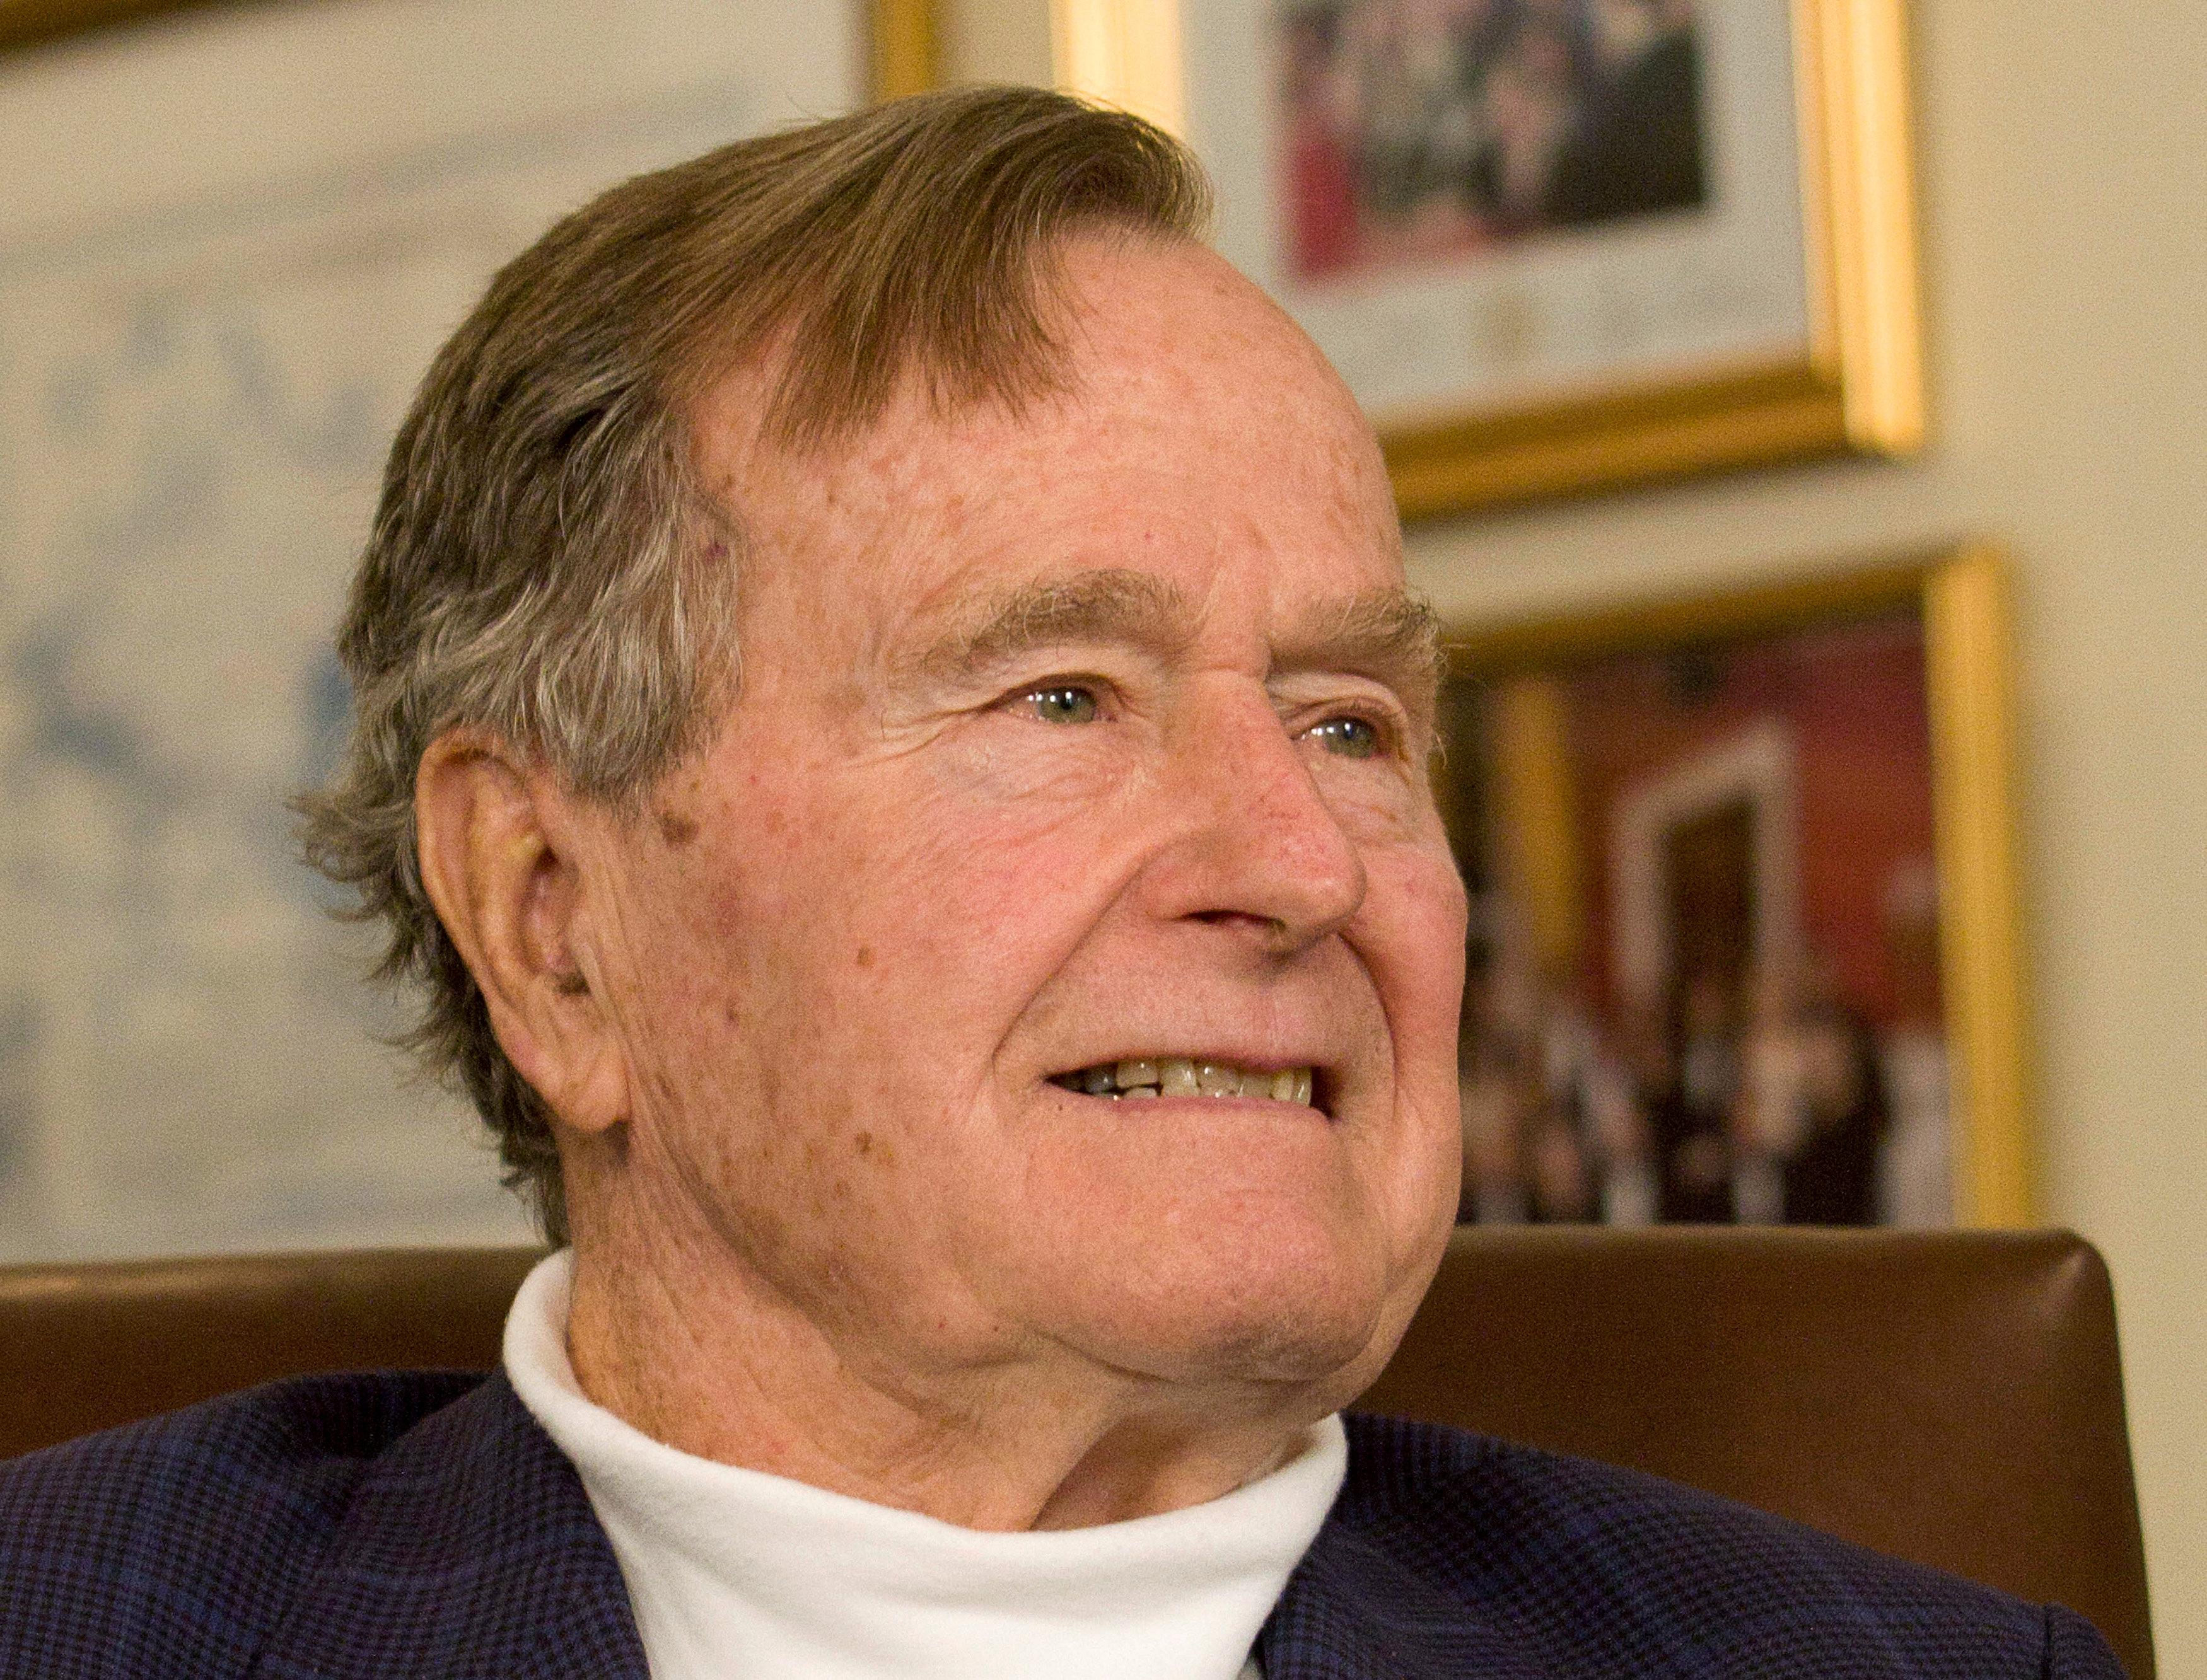 Former U.S. President George H.W. Bush dead at 94